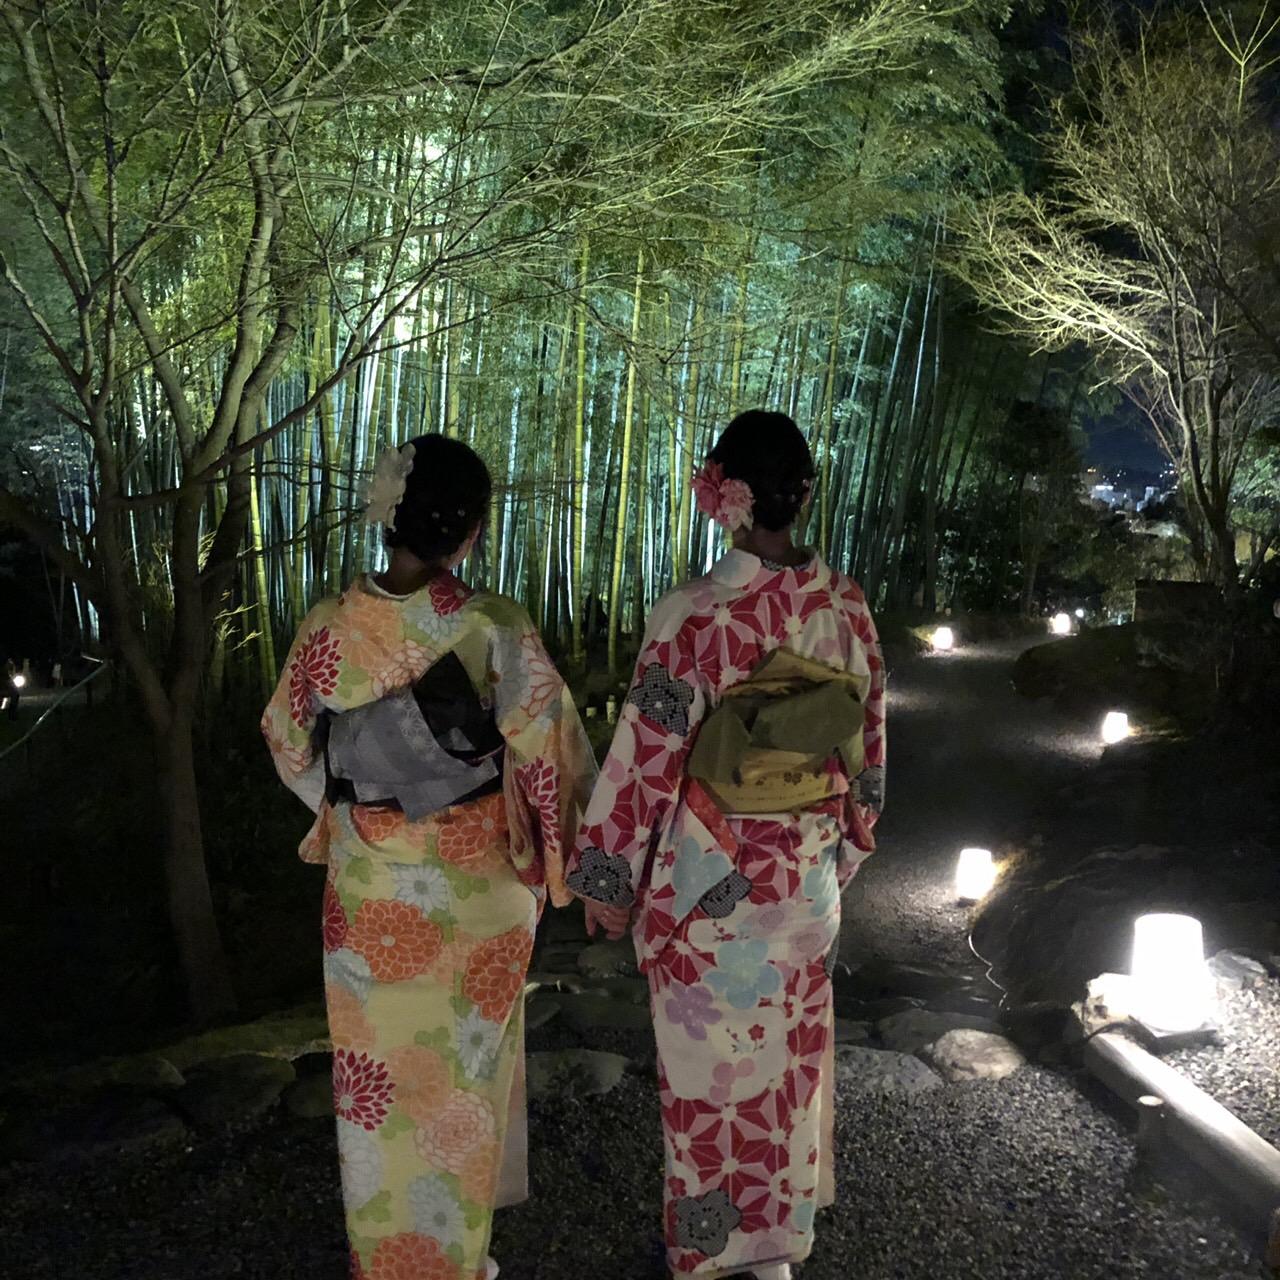 高台寺も春の特別夜間拝観始まってまぁす2019年3月9日10